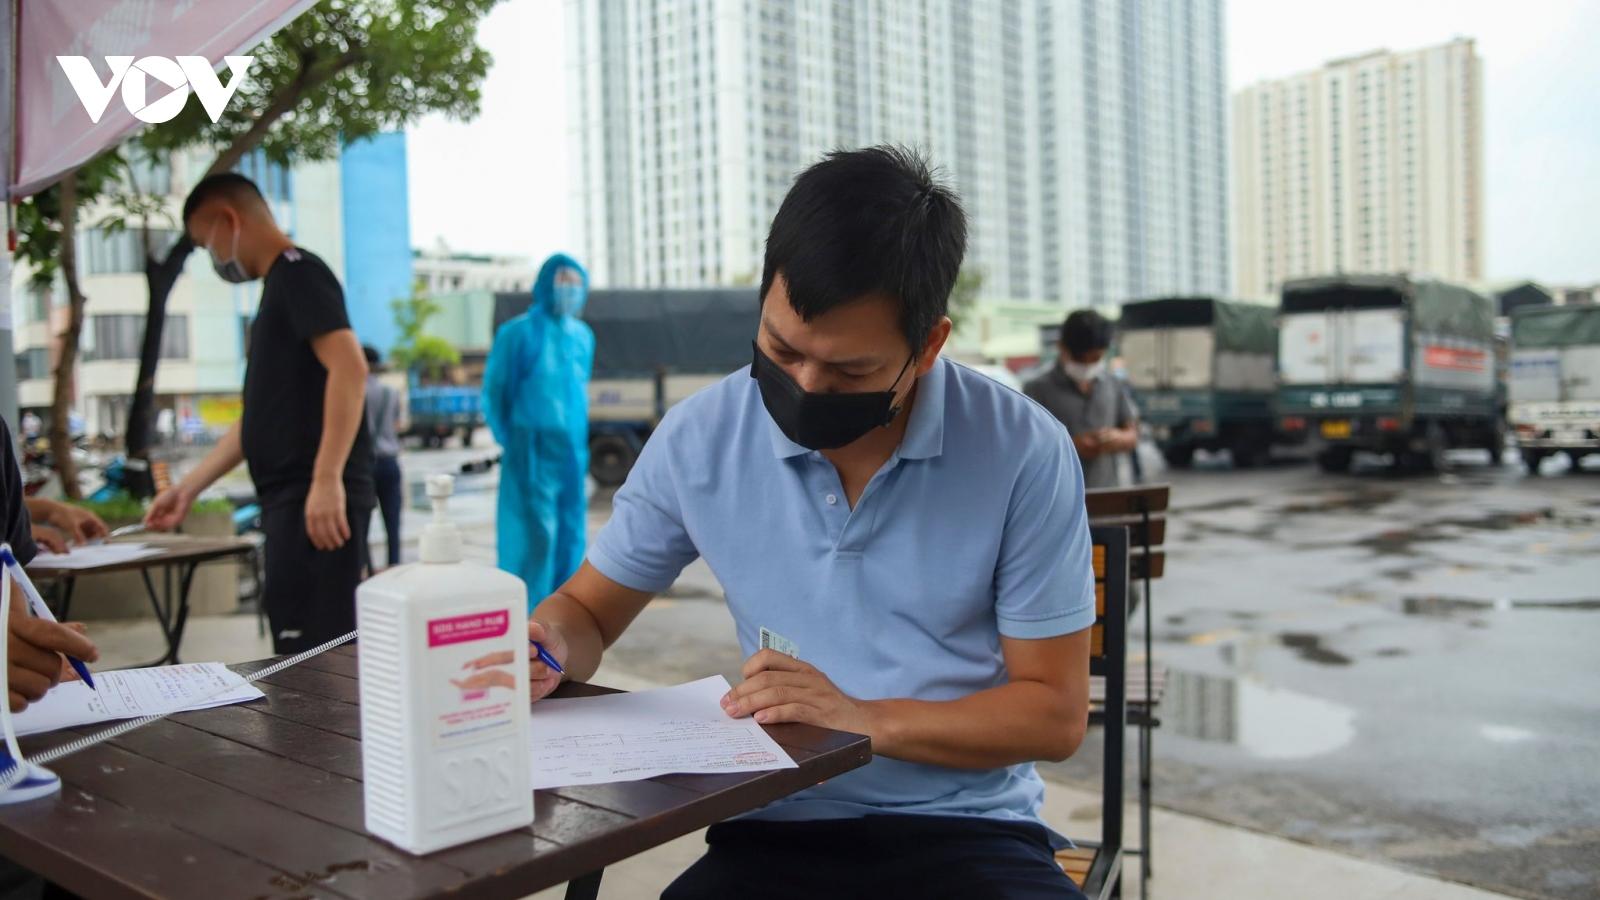 Hà Nội mở thêm 2 điểm tập kết hàng tại bãi đỗ xe Đền Lừ và Bến xe Nước Ngầm